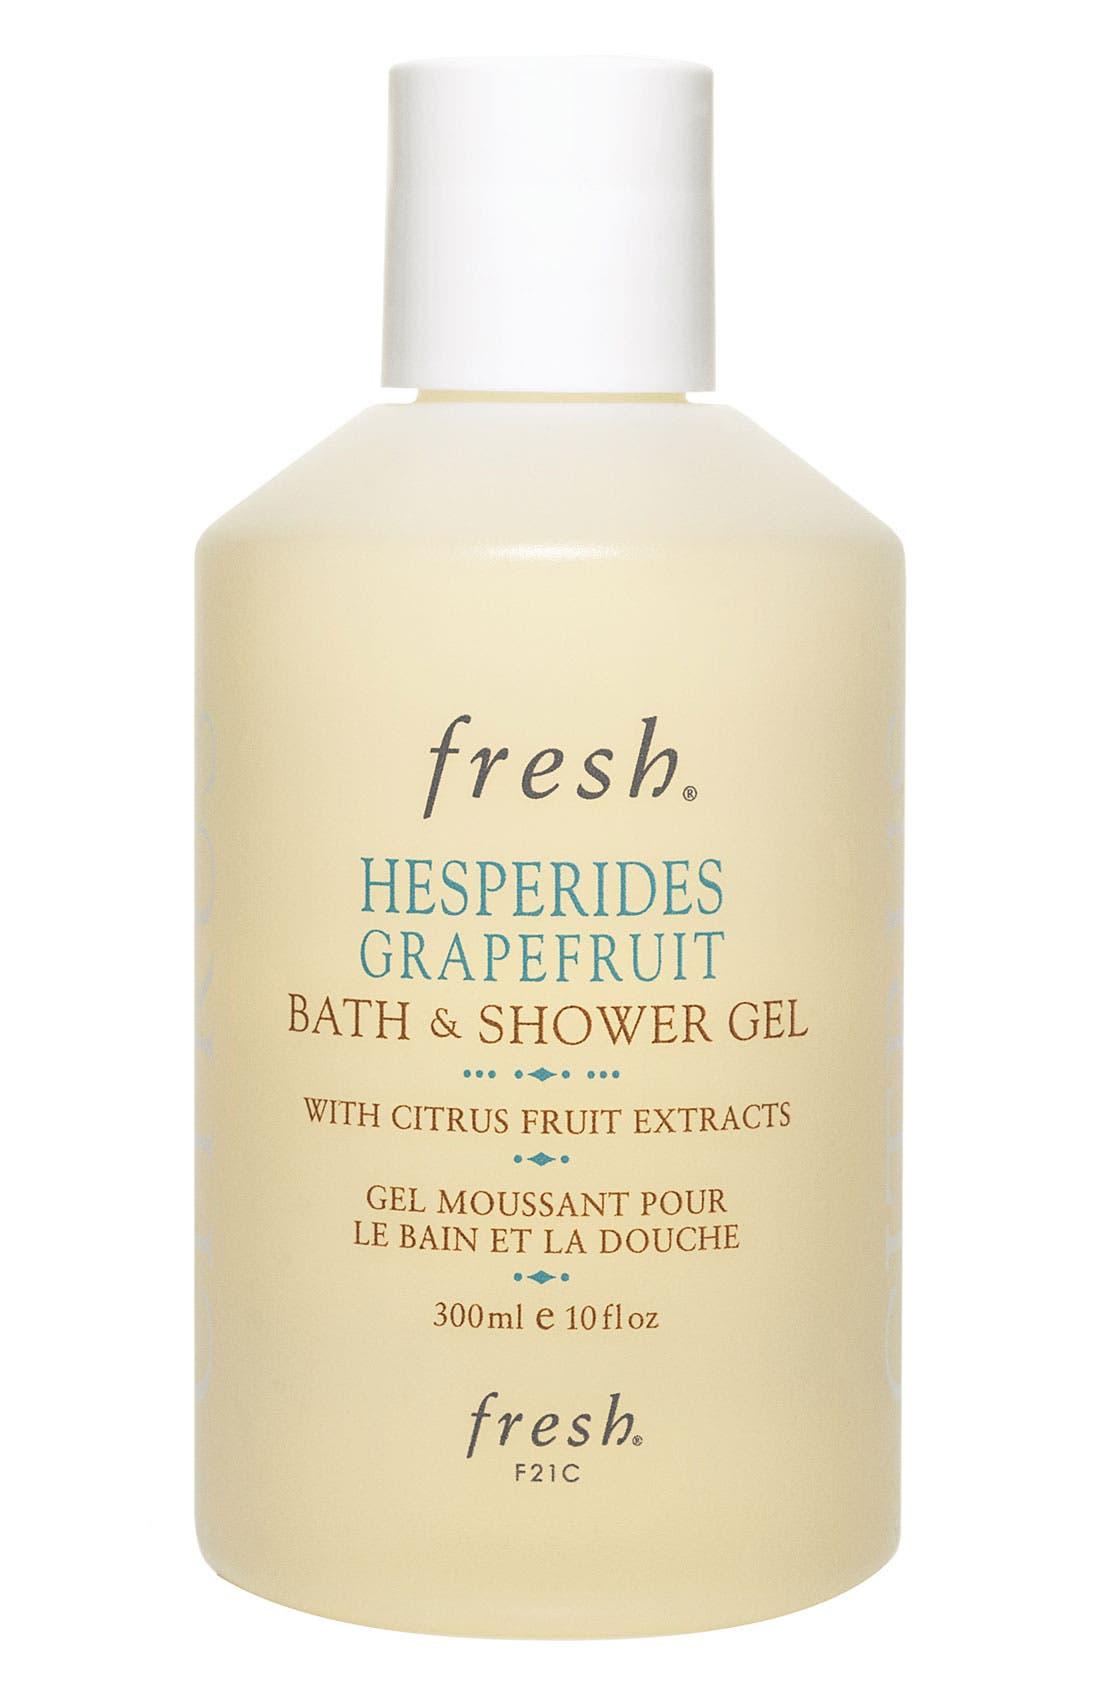 Hesperides Grapefruit Bath & Shower Gel,                             Main thumbnail 1, color,                             NO COLOR